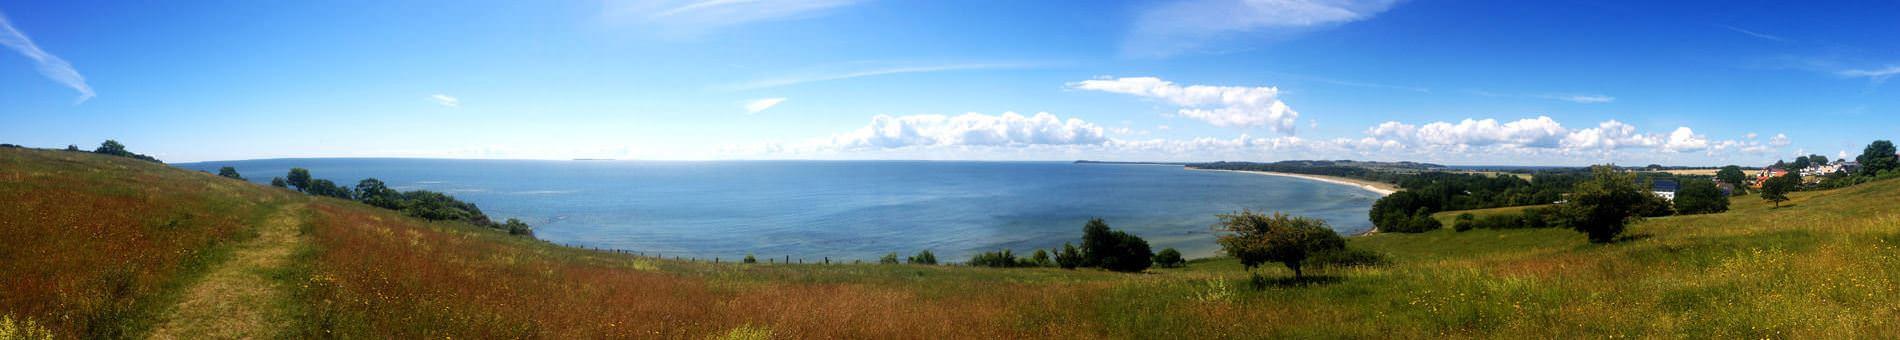 Panoramausblick vom Ostseebad Göhren auf Rügen über Mönchgut bis hin nach Greifswald - Freie Ferienwohnung Ostsee